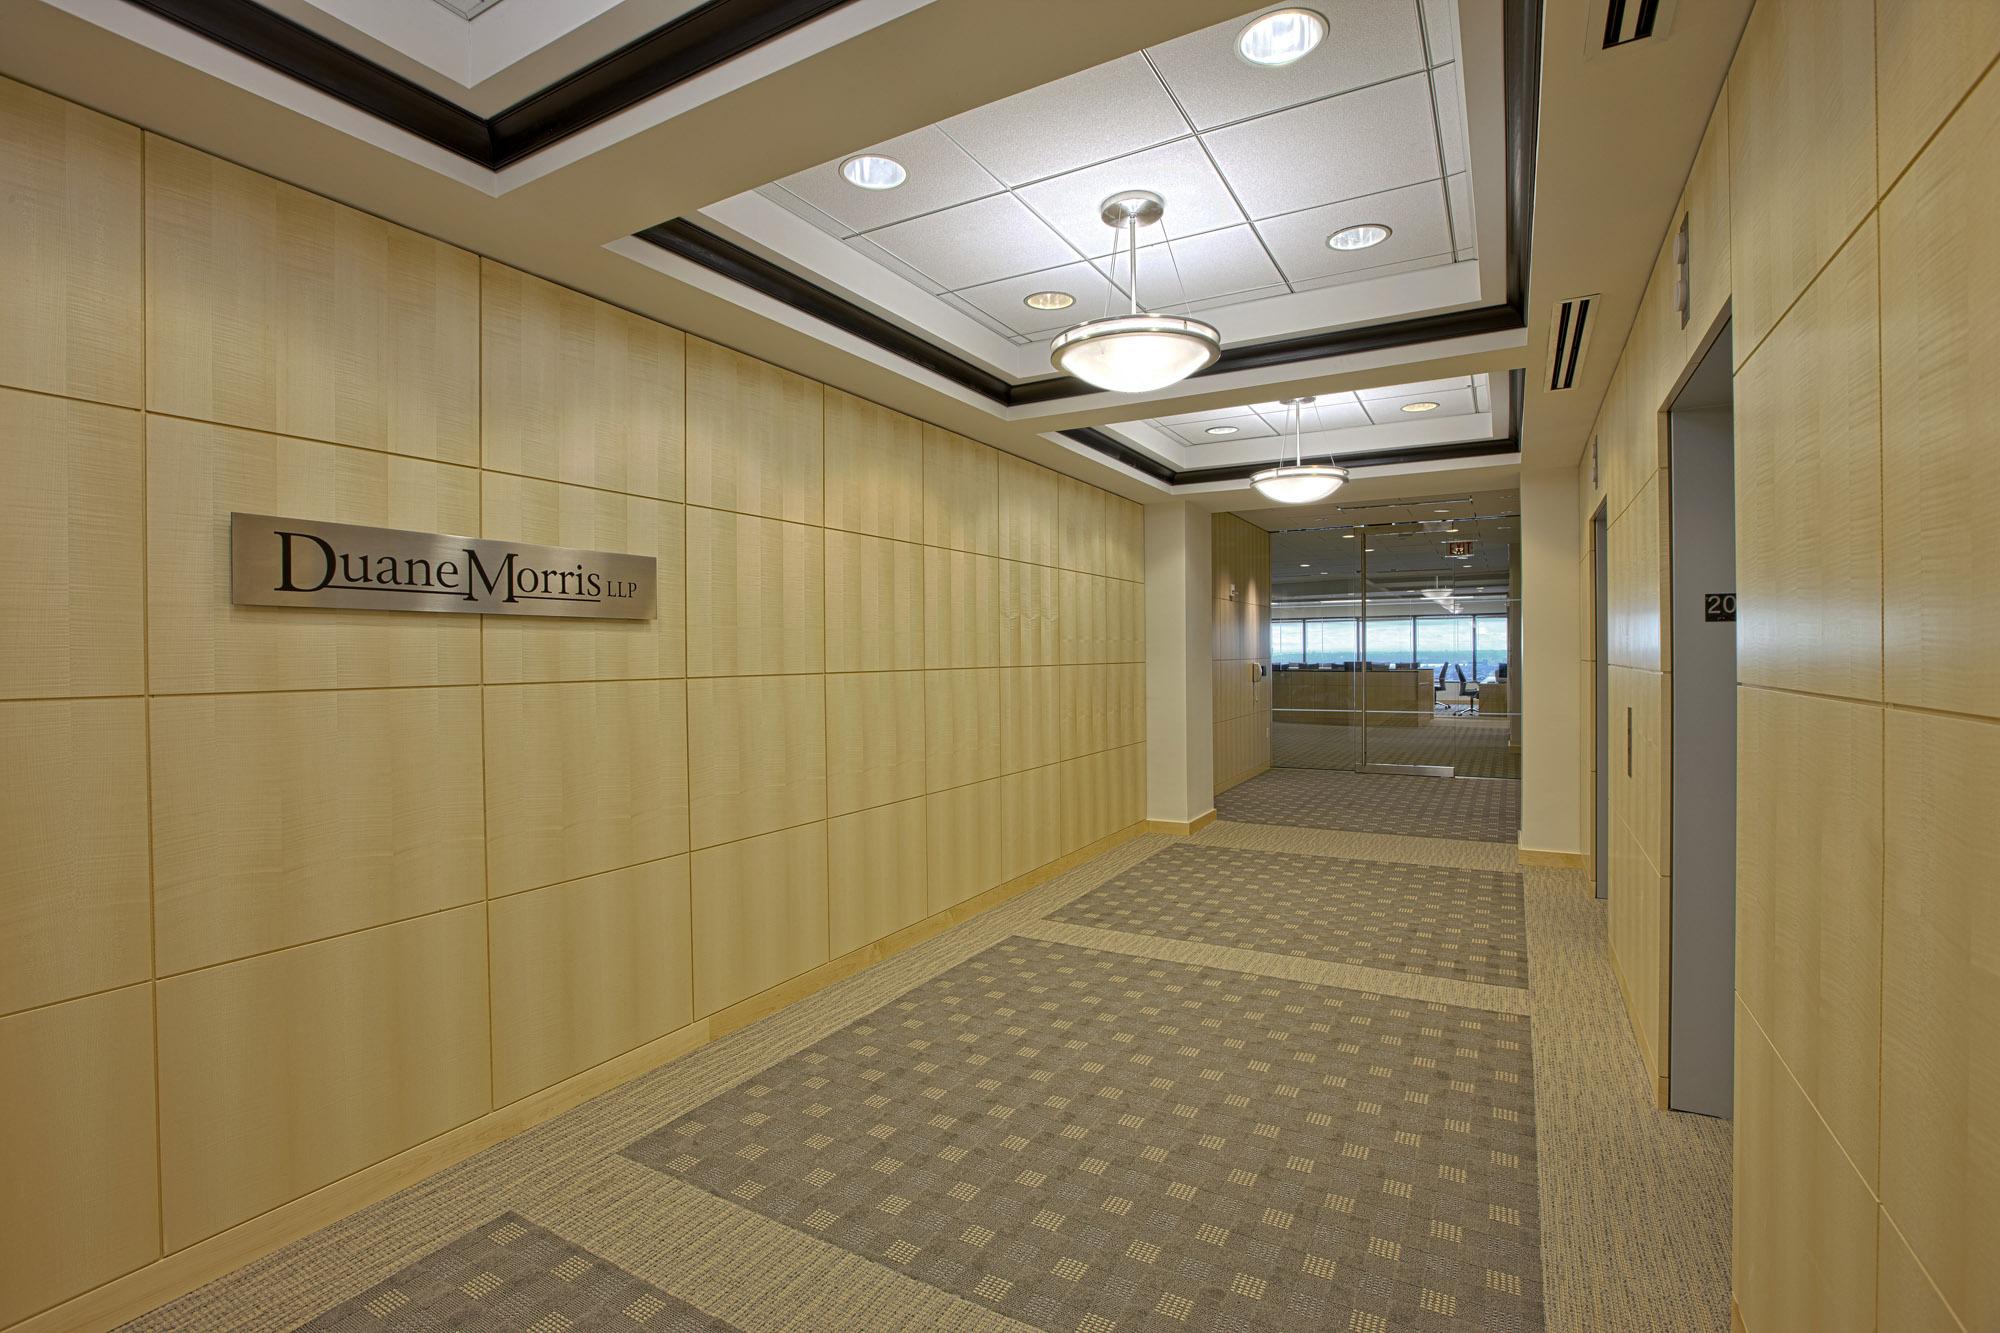 Duane Morris Interior Image R117696.jpg